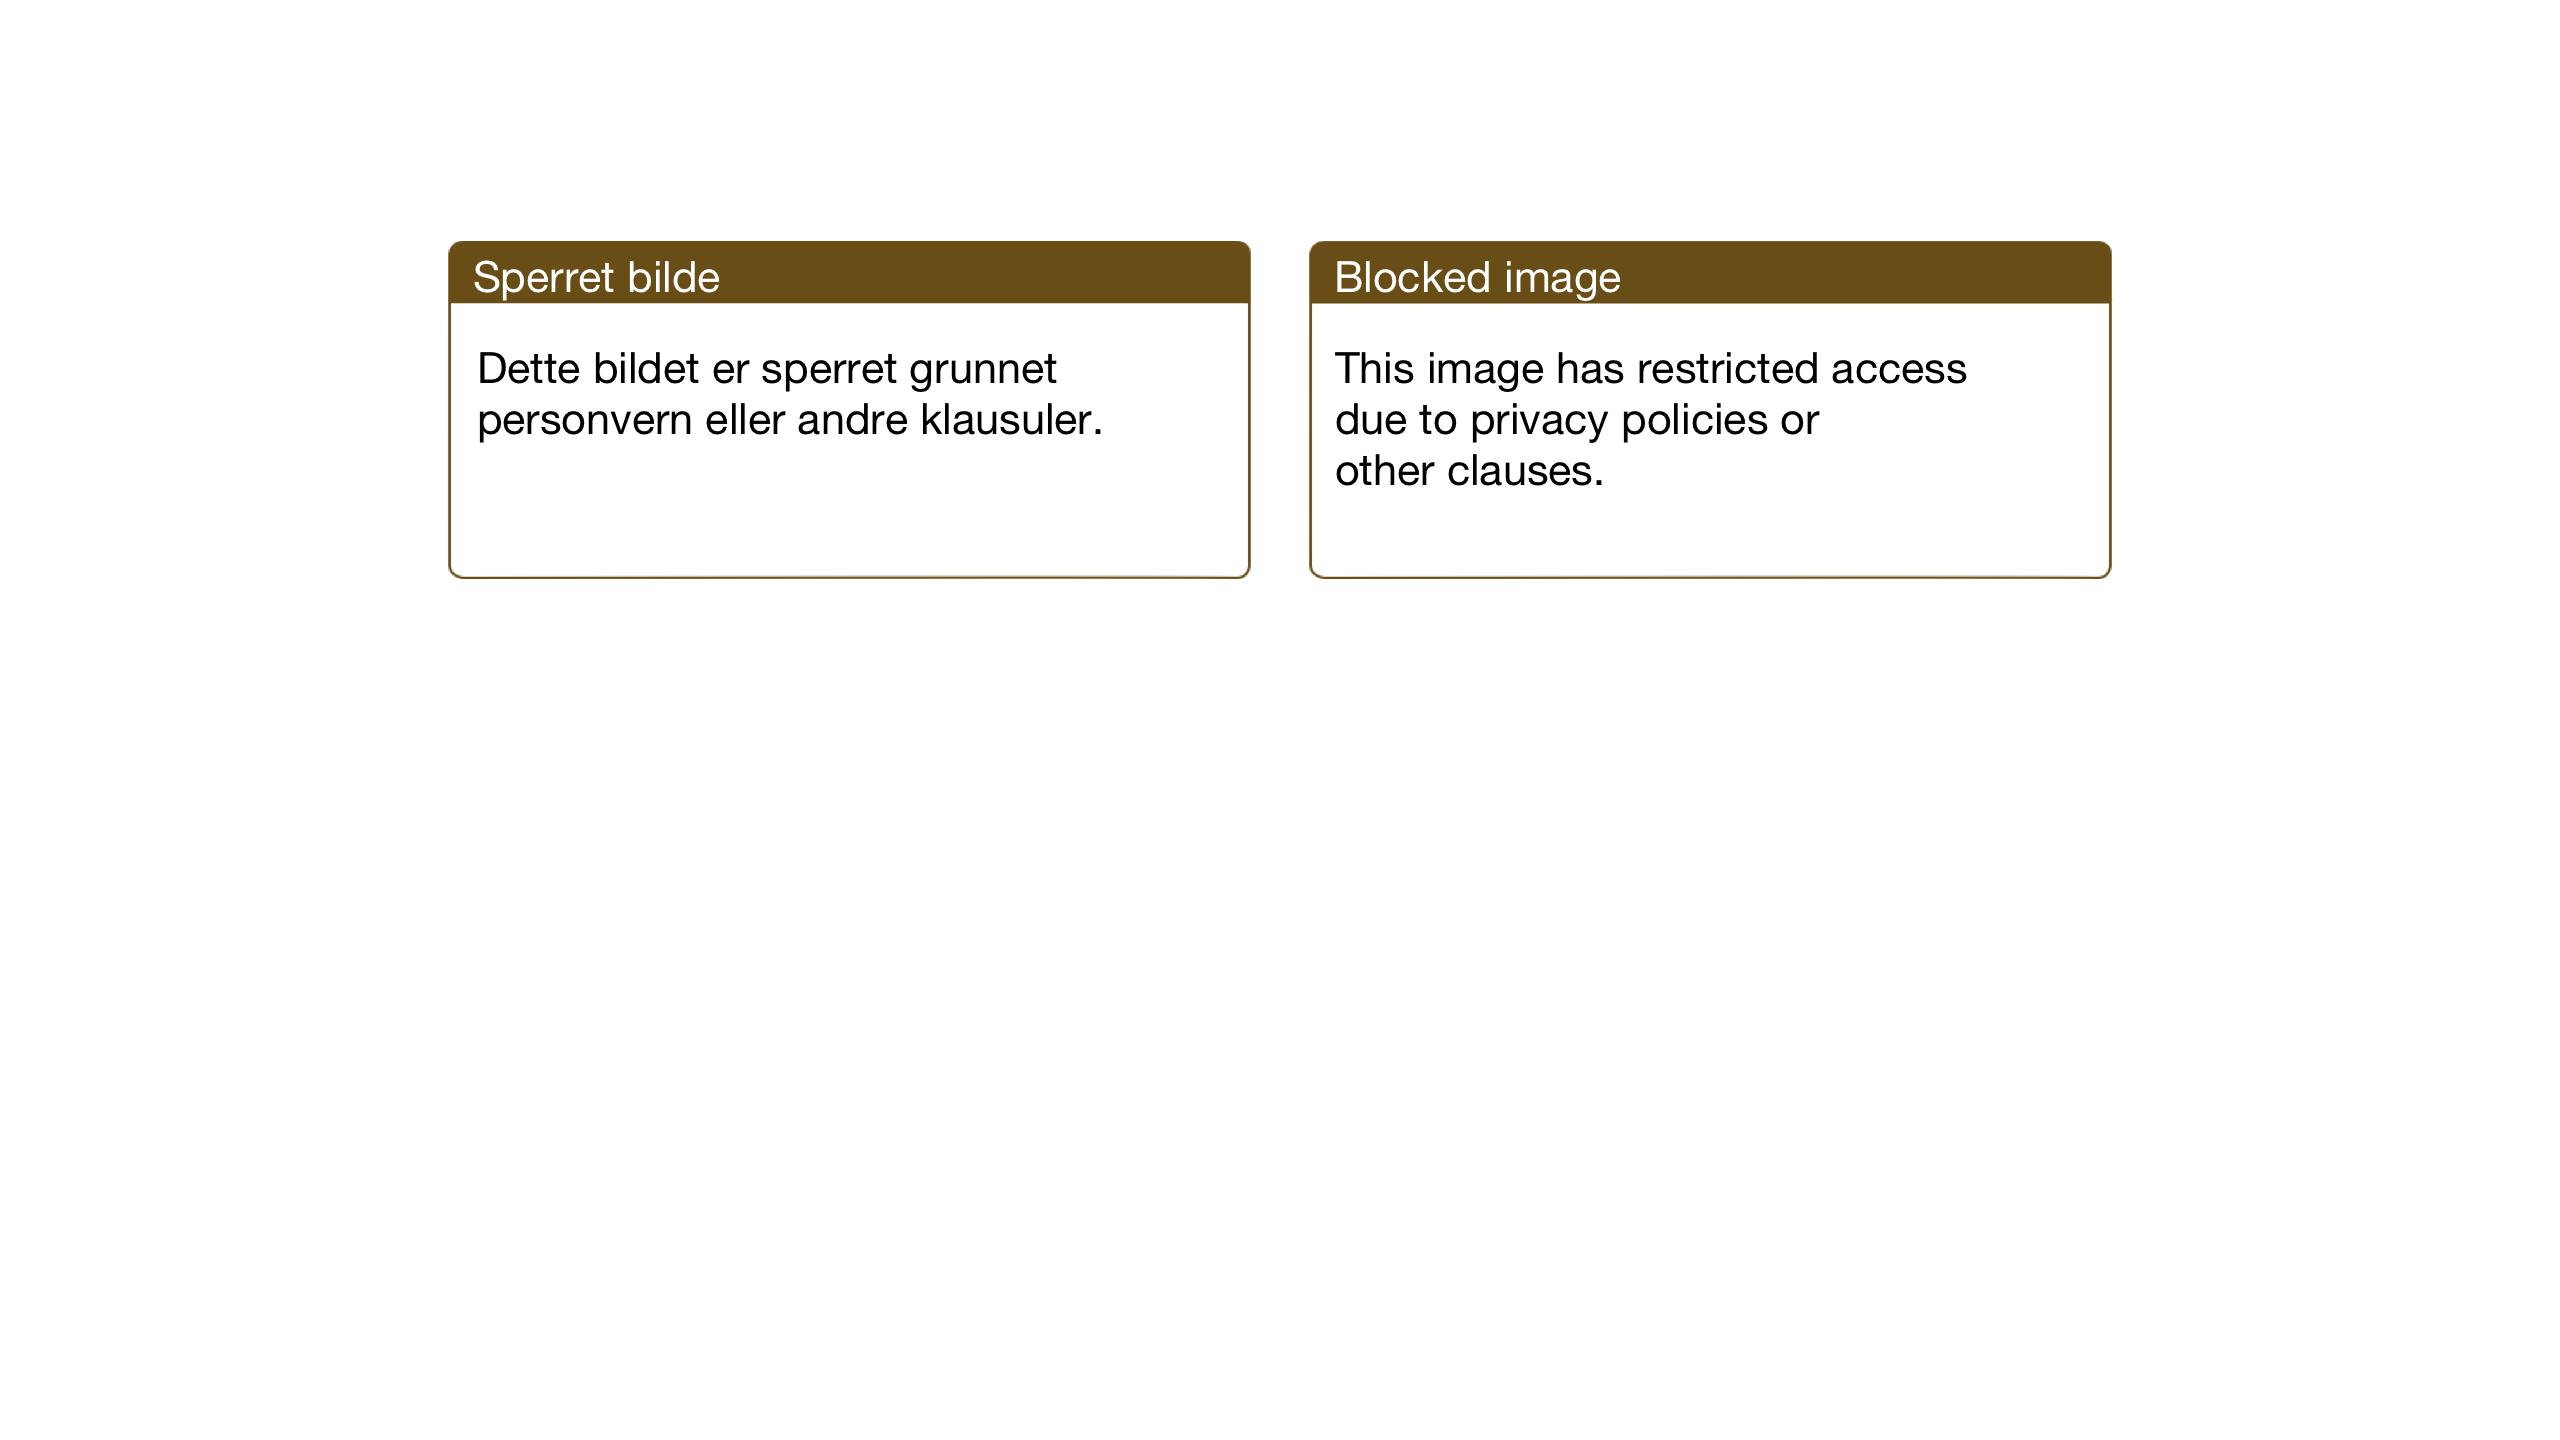 SAT, Ministerialprotokoller, klokkerbøker og fødselsregistre - Nord-Trøndelag, 747/L0460: Klokkerbok nr. 747C02, 1908-1939, s. 37